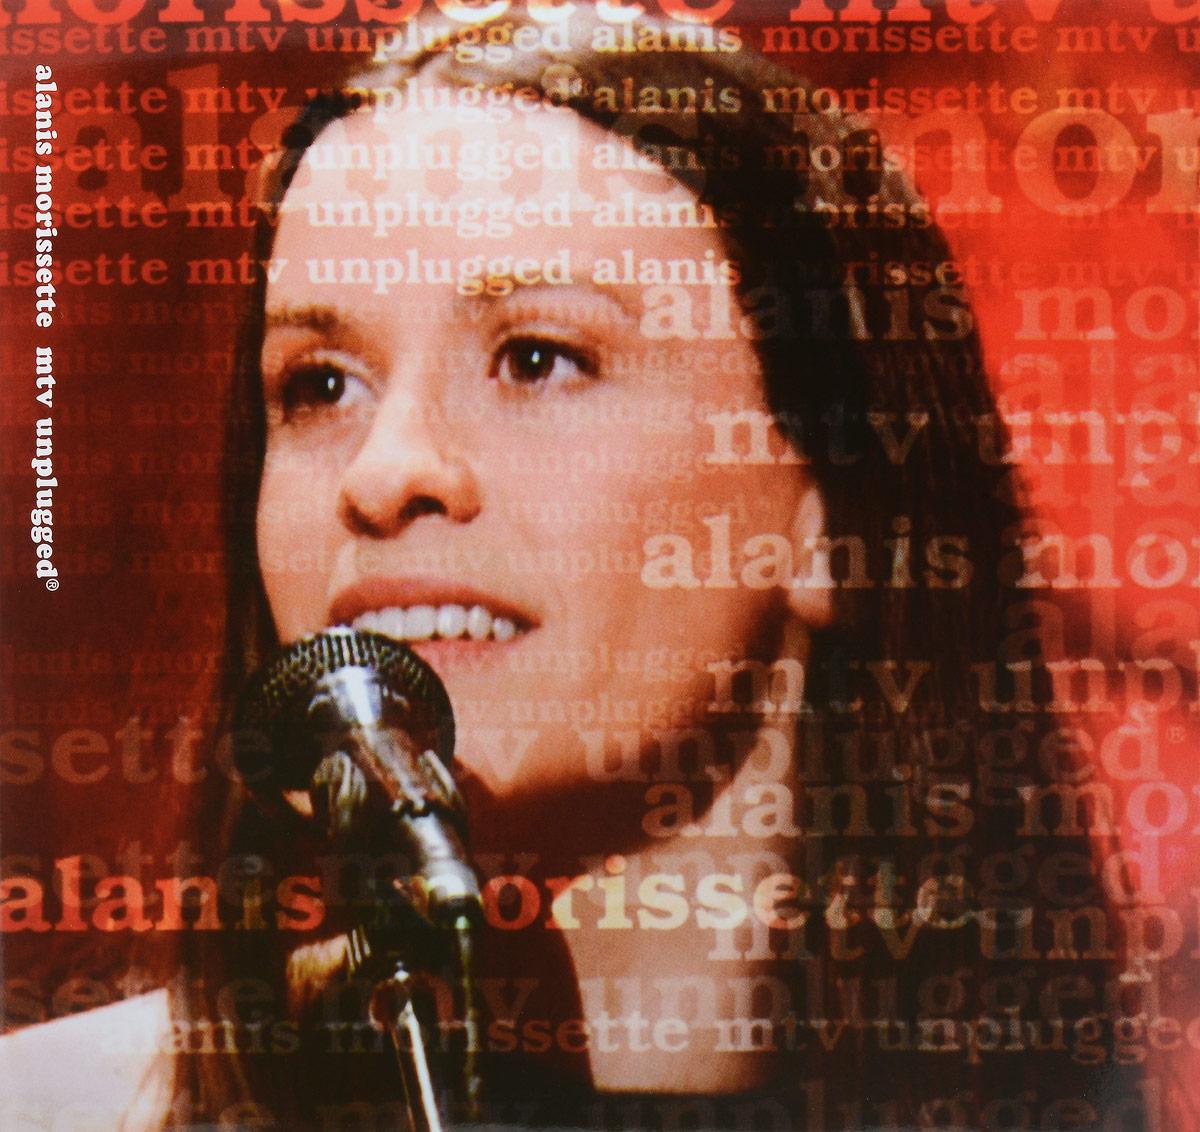 Аланис Мориссетт Alanis Morissette. MTV Unplugged (LP) аланис мориссетт alanis morissette mtv unplugged lp